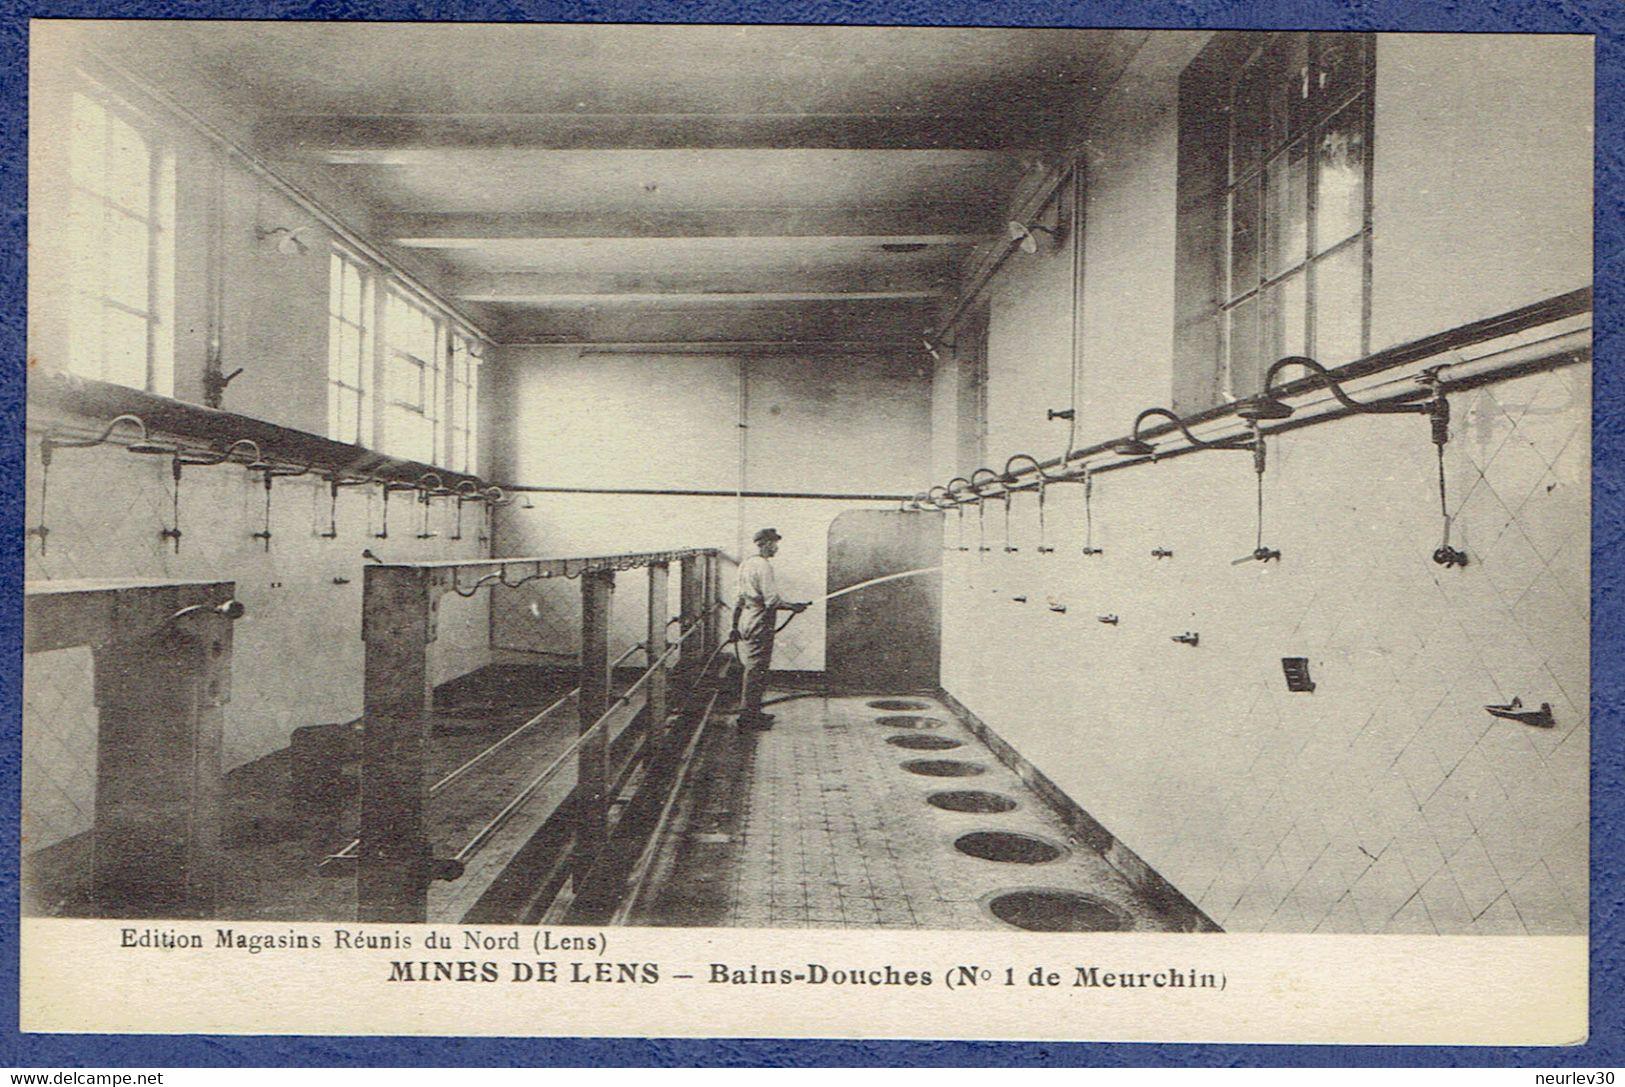 CPA PAS-DE-CALAIS (62) - MINES DE LENS - BAINS-DOUCHES (N° 1 DE MEURCHIN) - Lens